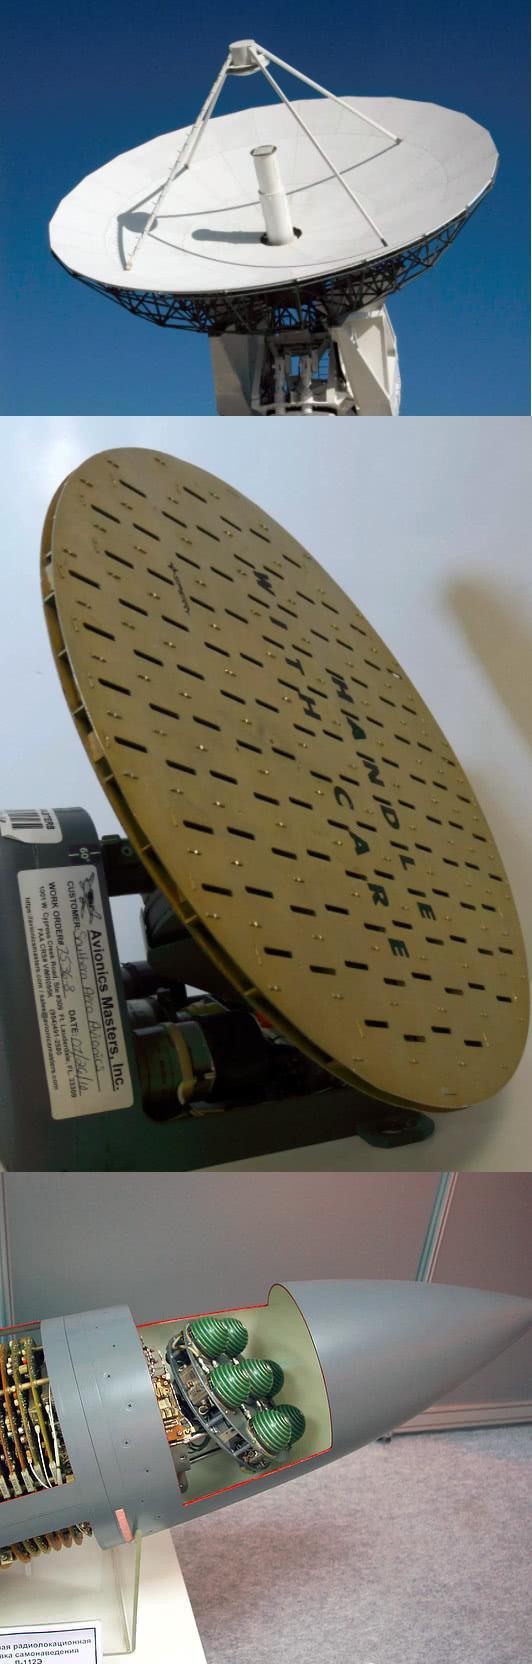 中国又有黑科技:预警机雷达无需顶盘子可贴在机身上